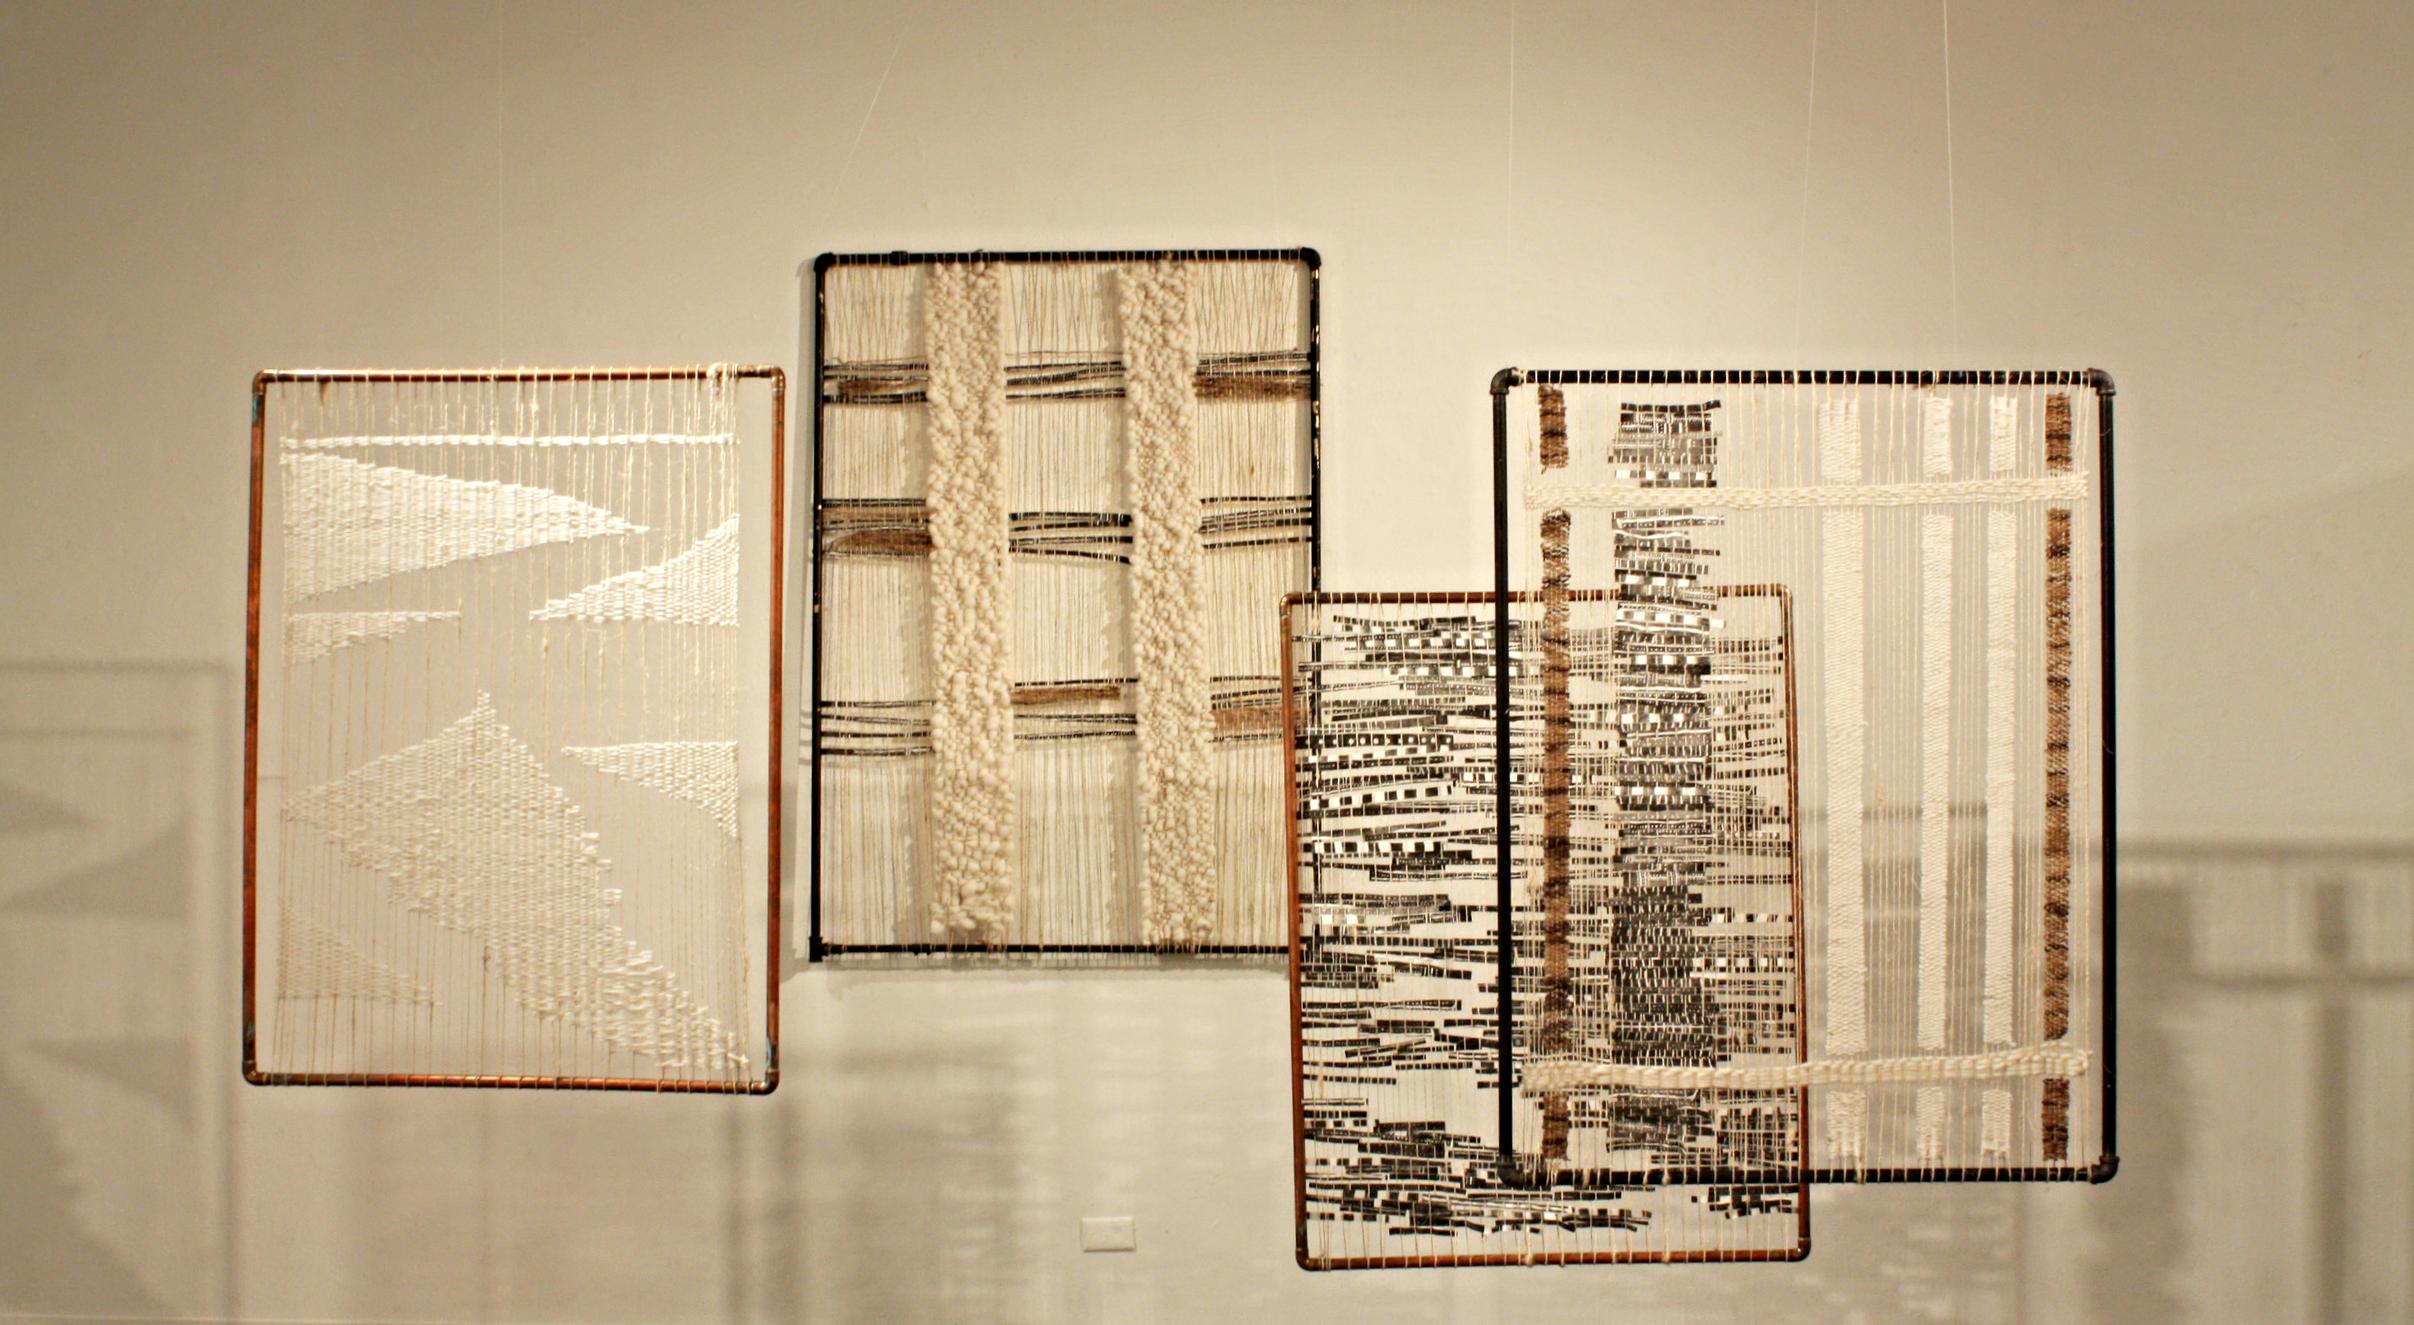 DOMINGA OPAZO, Cultural Crash, 2015, mixed media and textiles